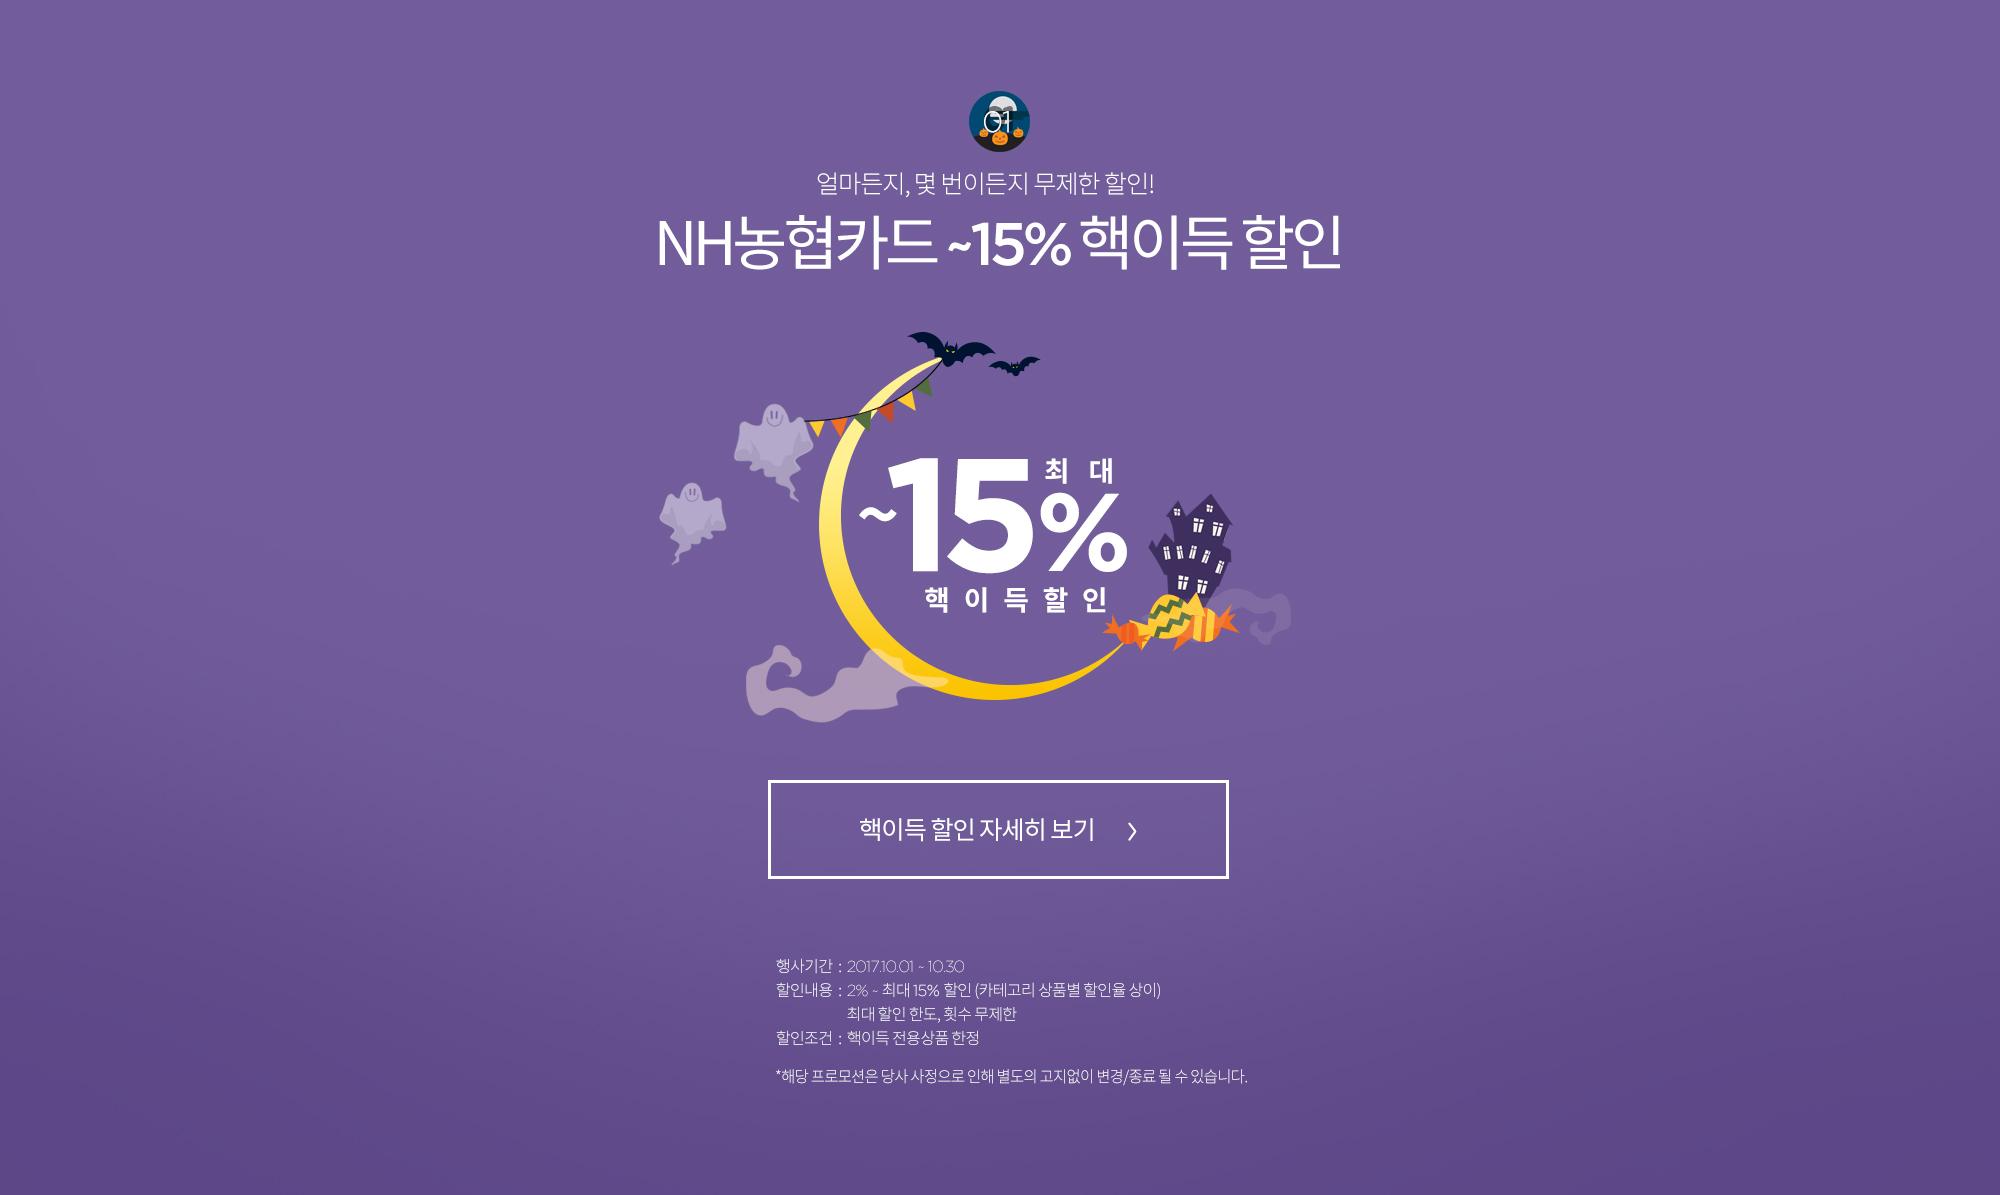 카테고리별 15% 핵이득할인